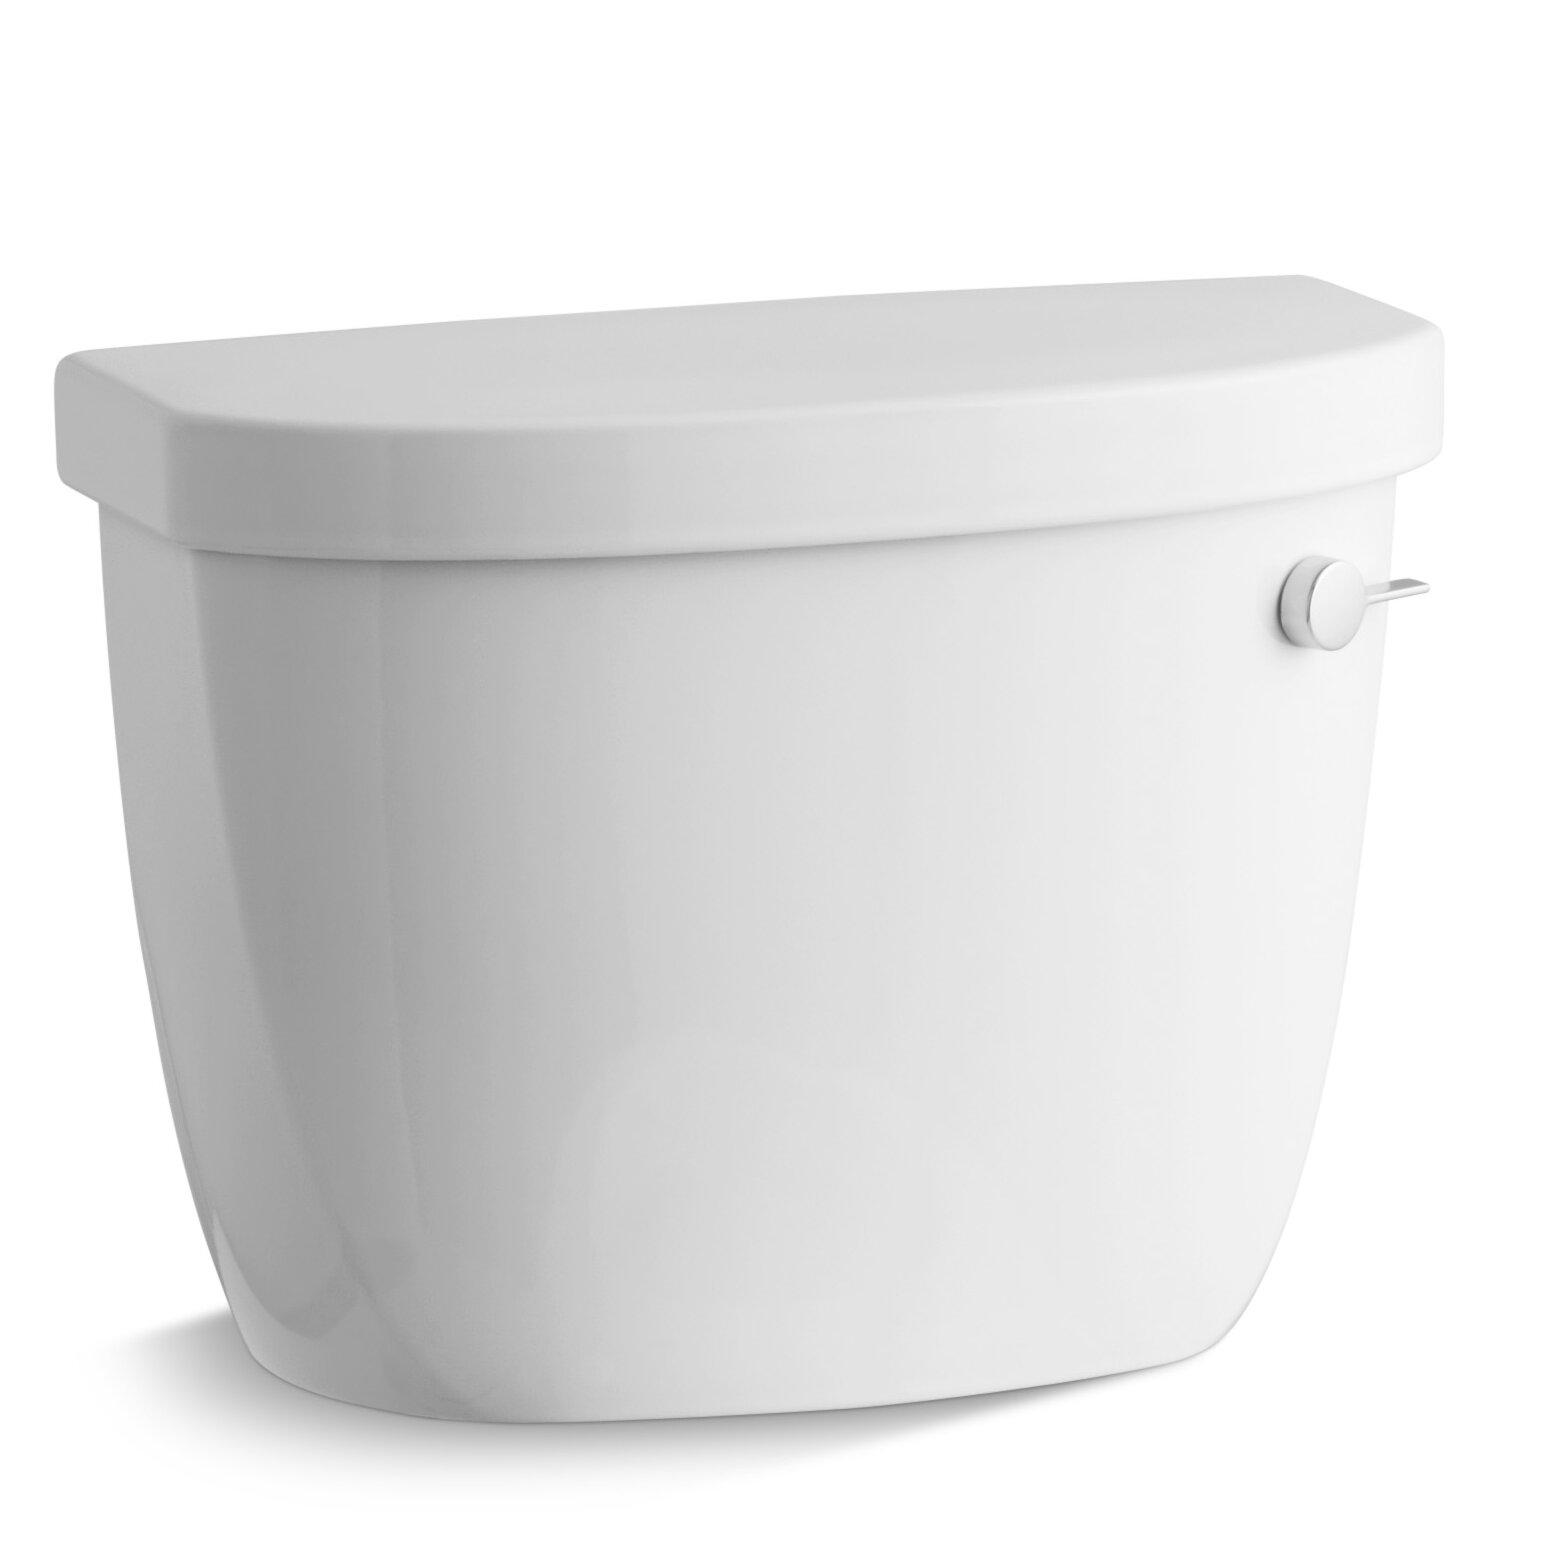 Kohler Cimarron 1 6 Gpf Toilet Tank With Aquapiston Flush